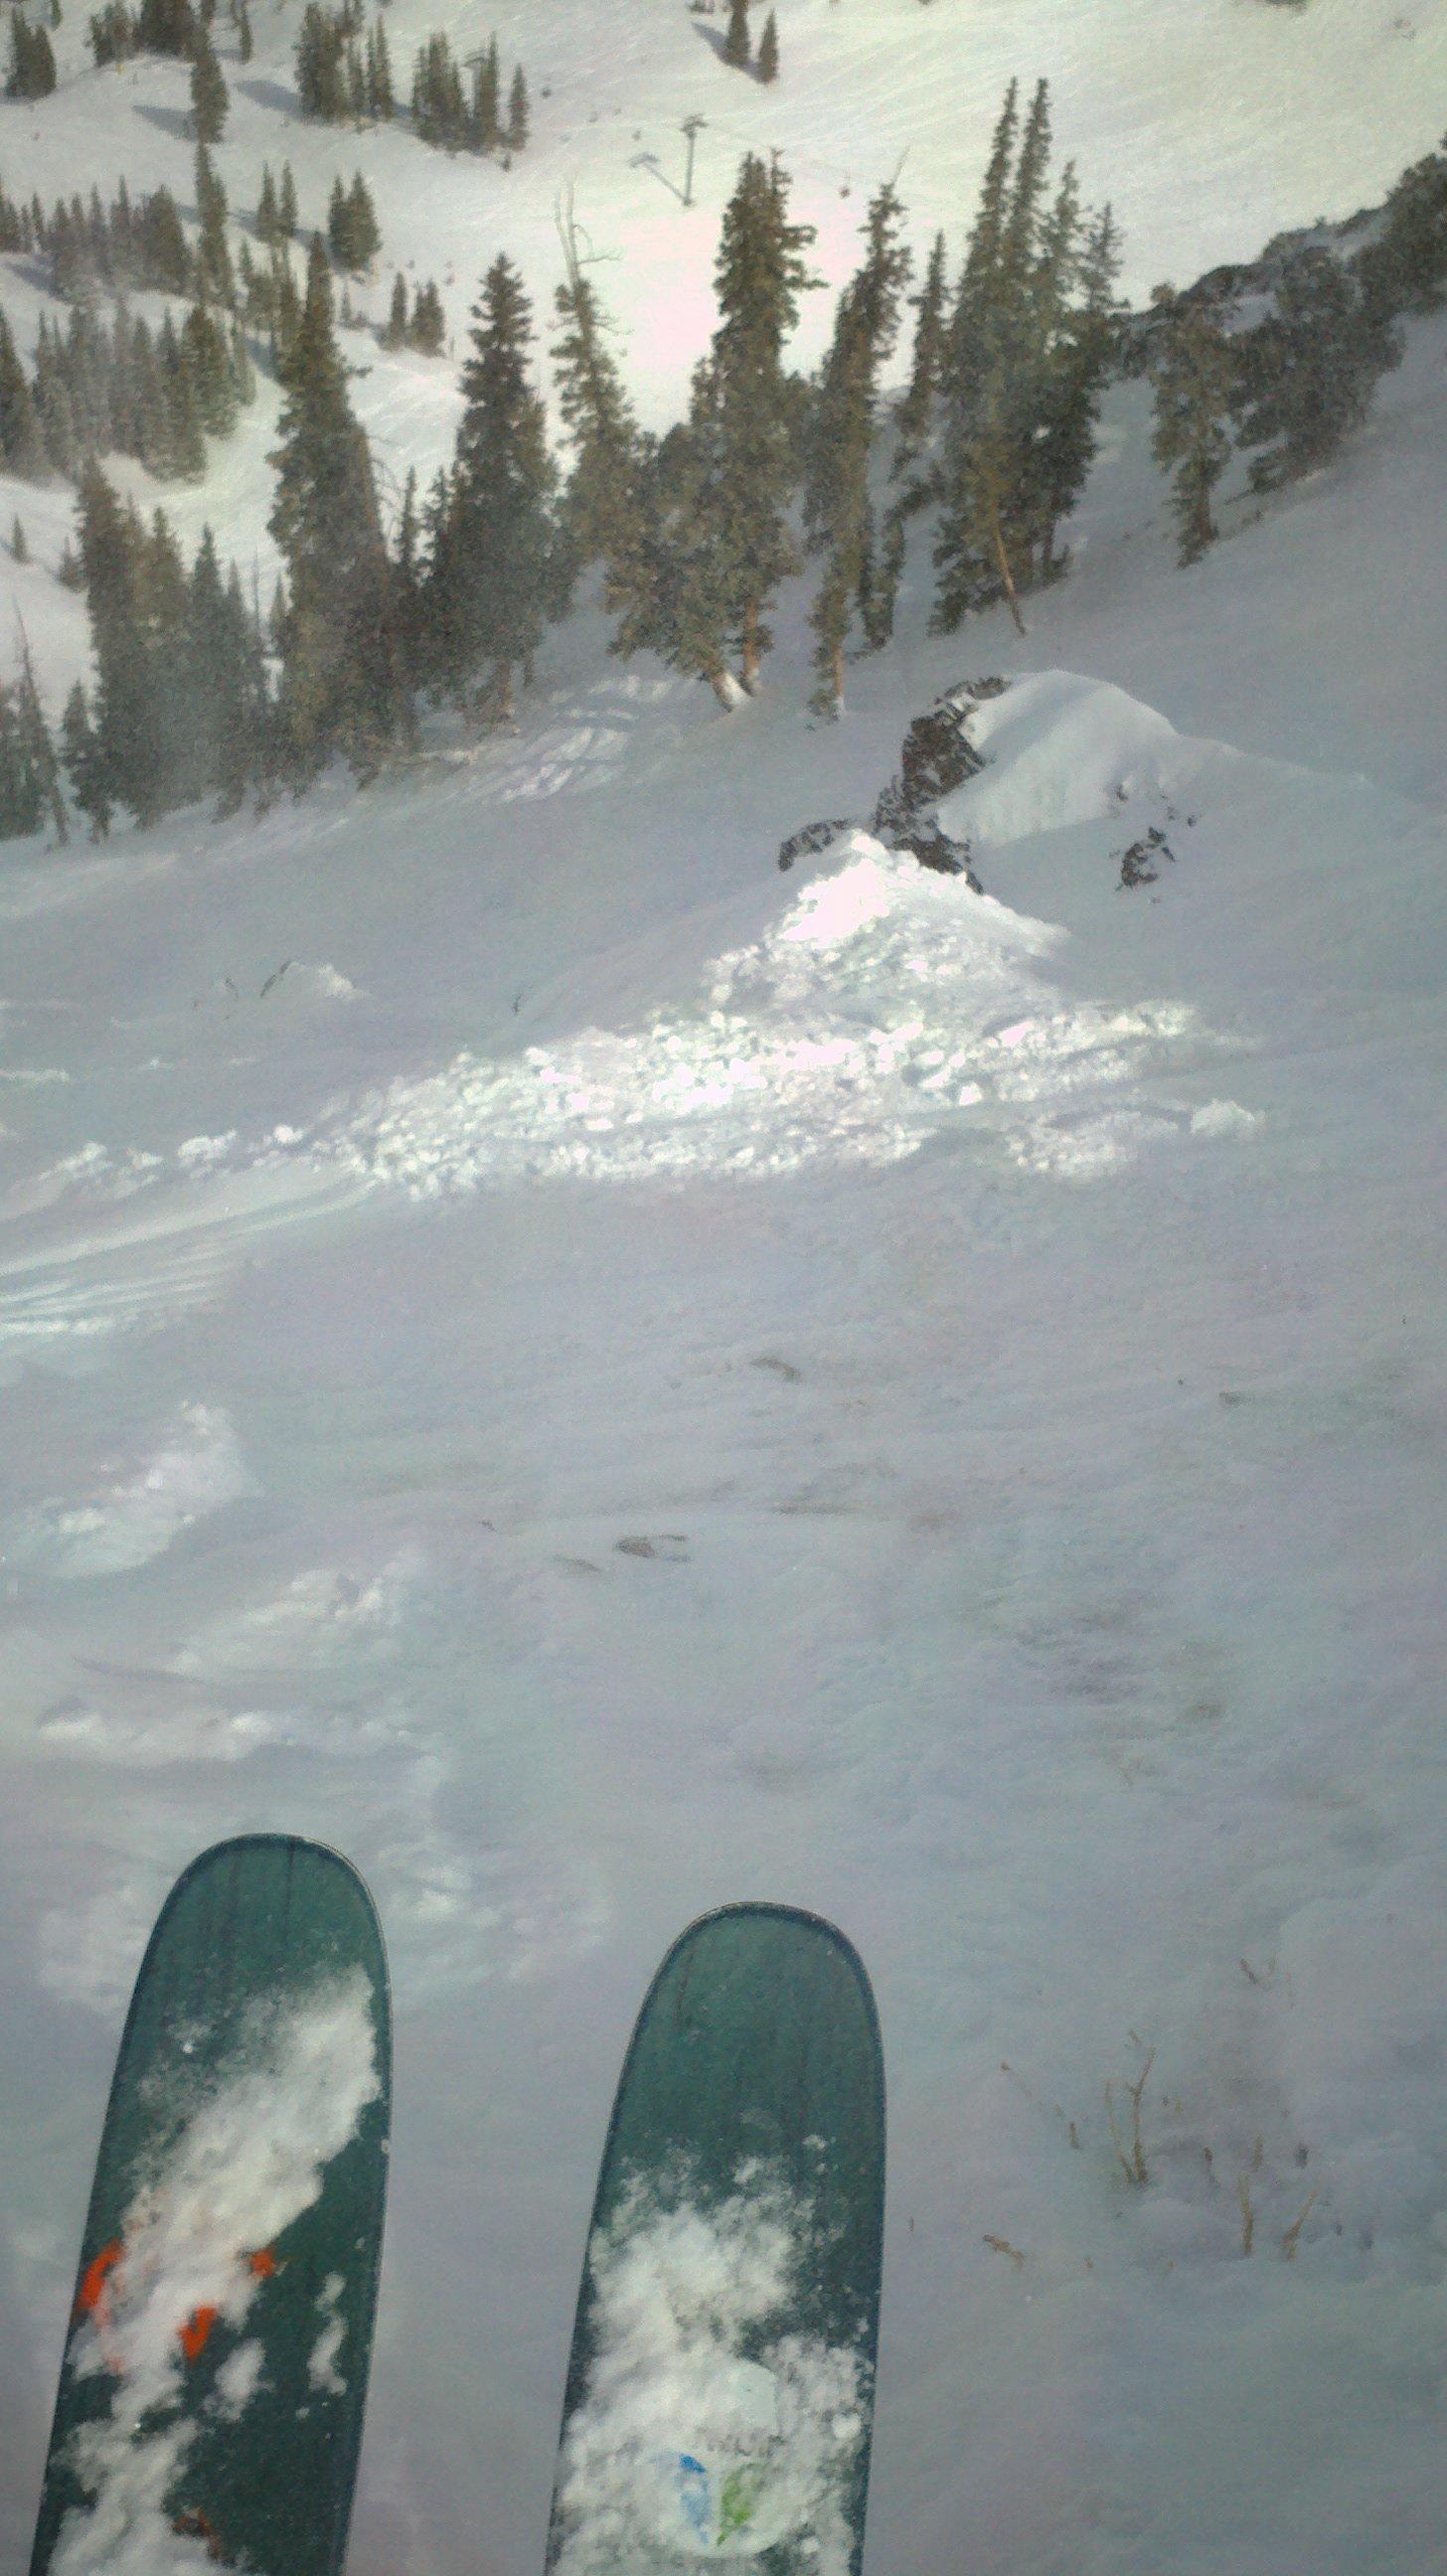 would you ski this, bro?